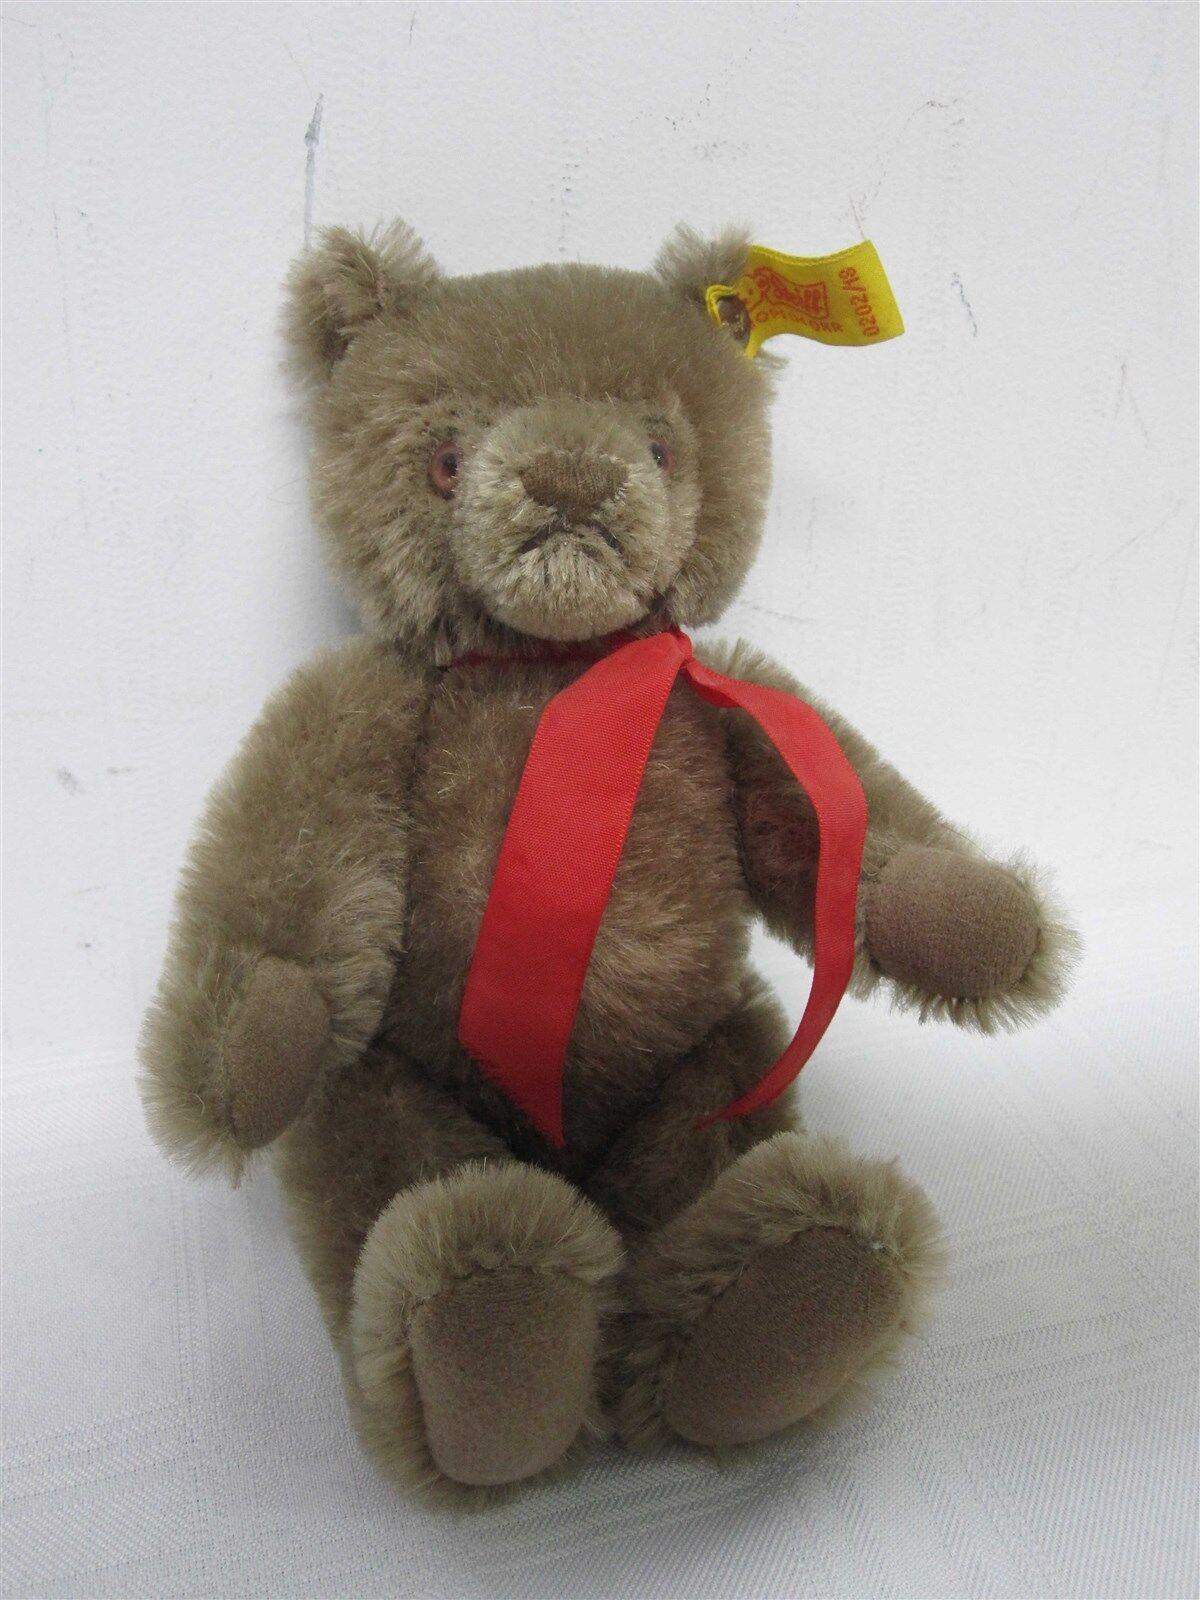 VINTAGE STEIFF MOHAIR LIGHT braun TEDDY BEAR 0202/18  7 1/2